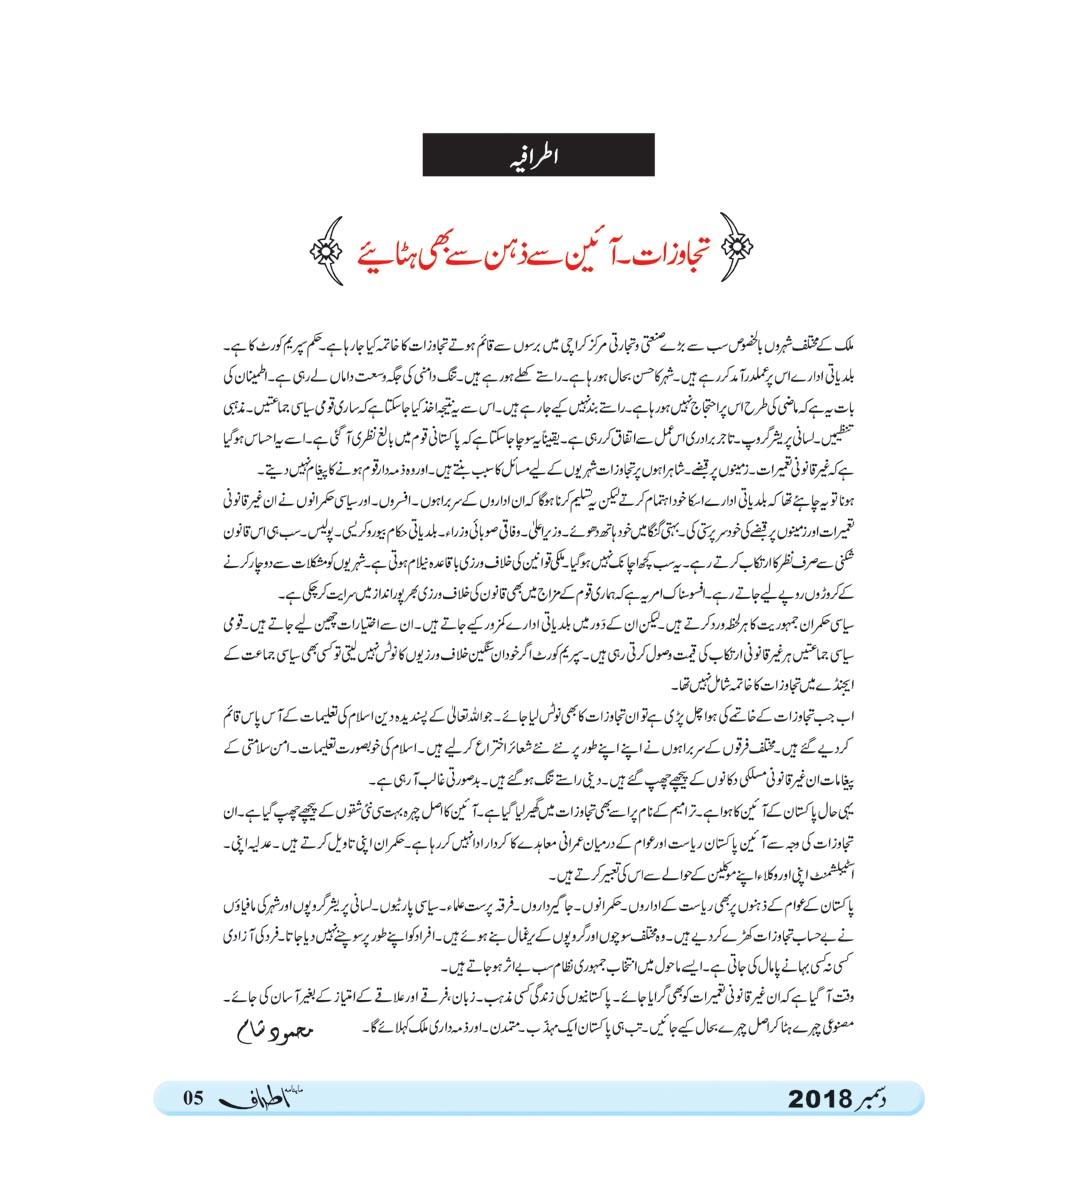 تجاوزات - آئین سے - ذہن سے بھی ہٹائیے - Anti-encroachment operation in Pakistan 2019